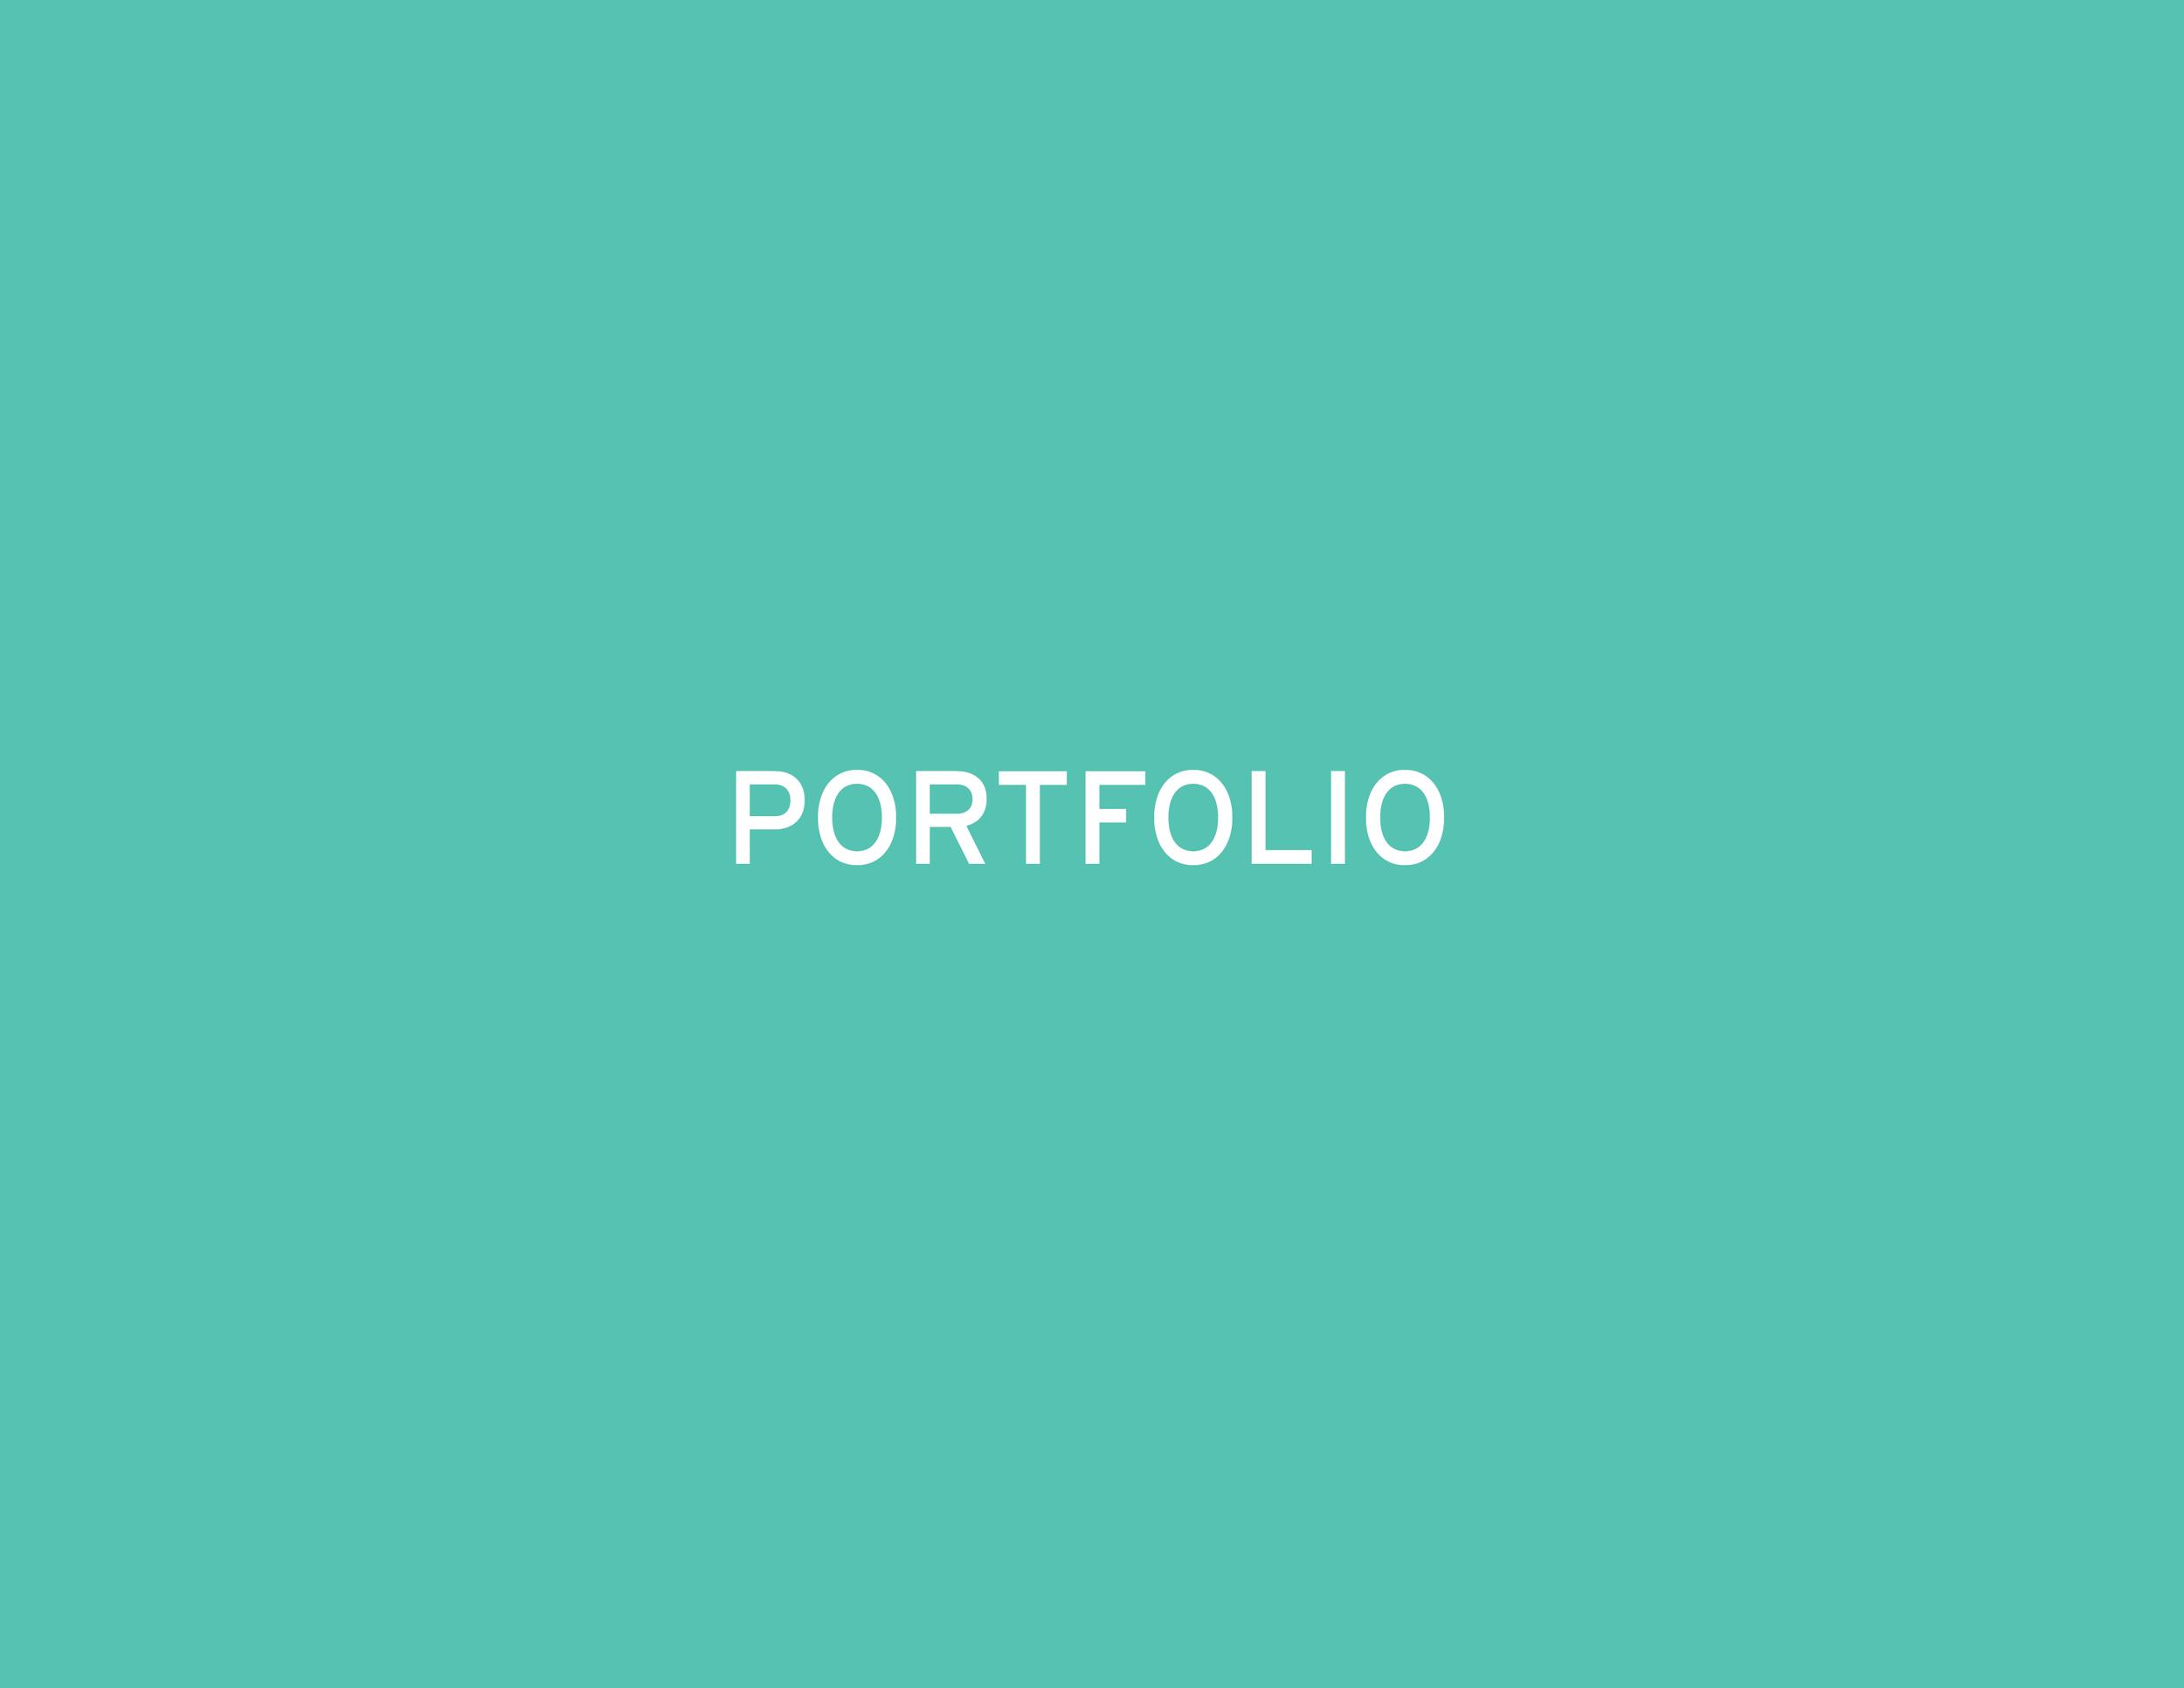 Click to view design portfolio